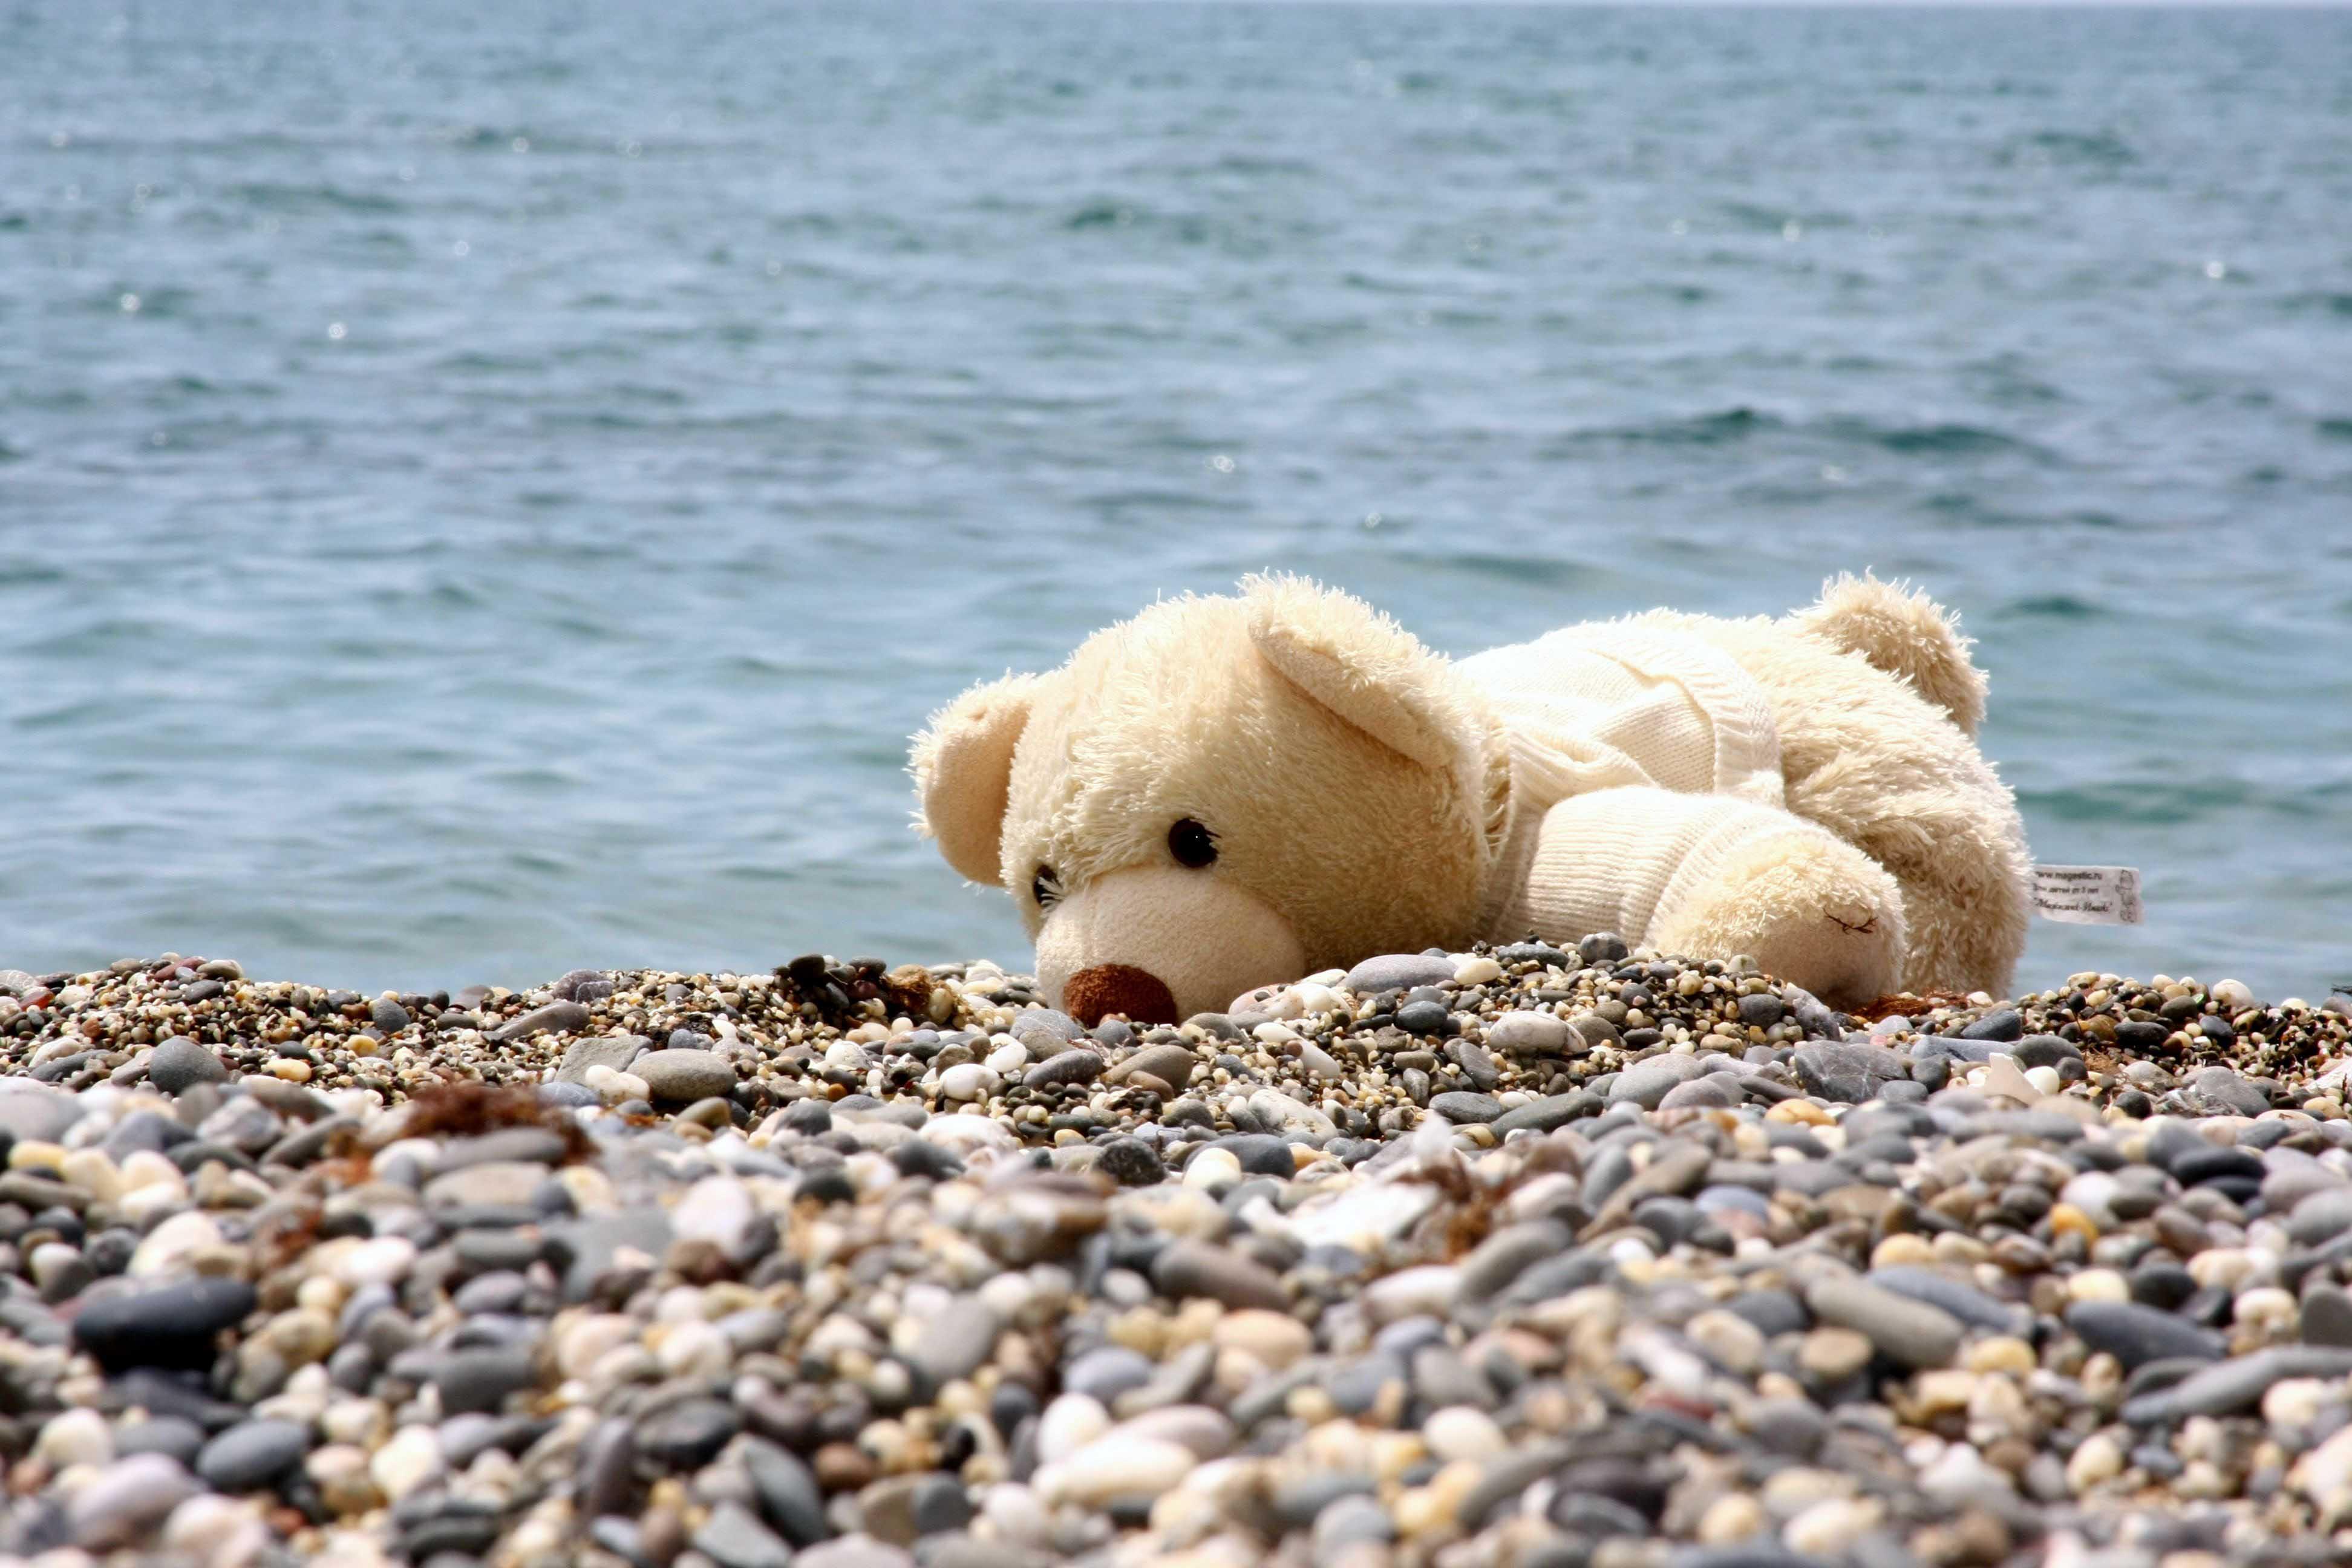 Мама внезапно умерла: 8-летний ребенок из Челябинской области оказался один в Сочи